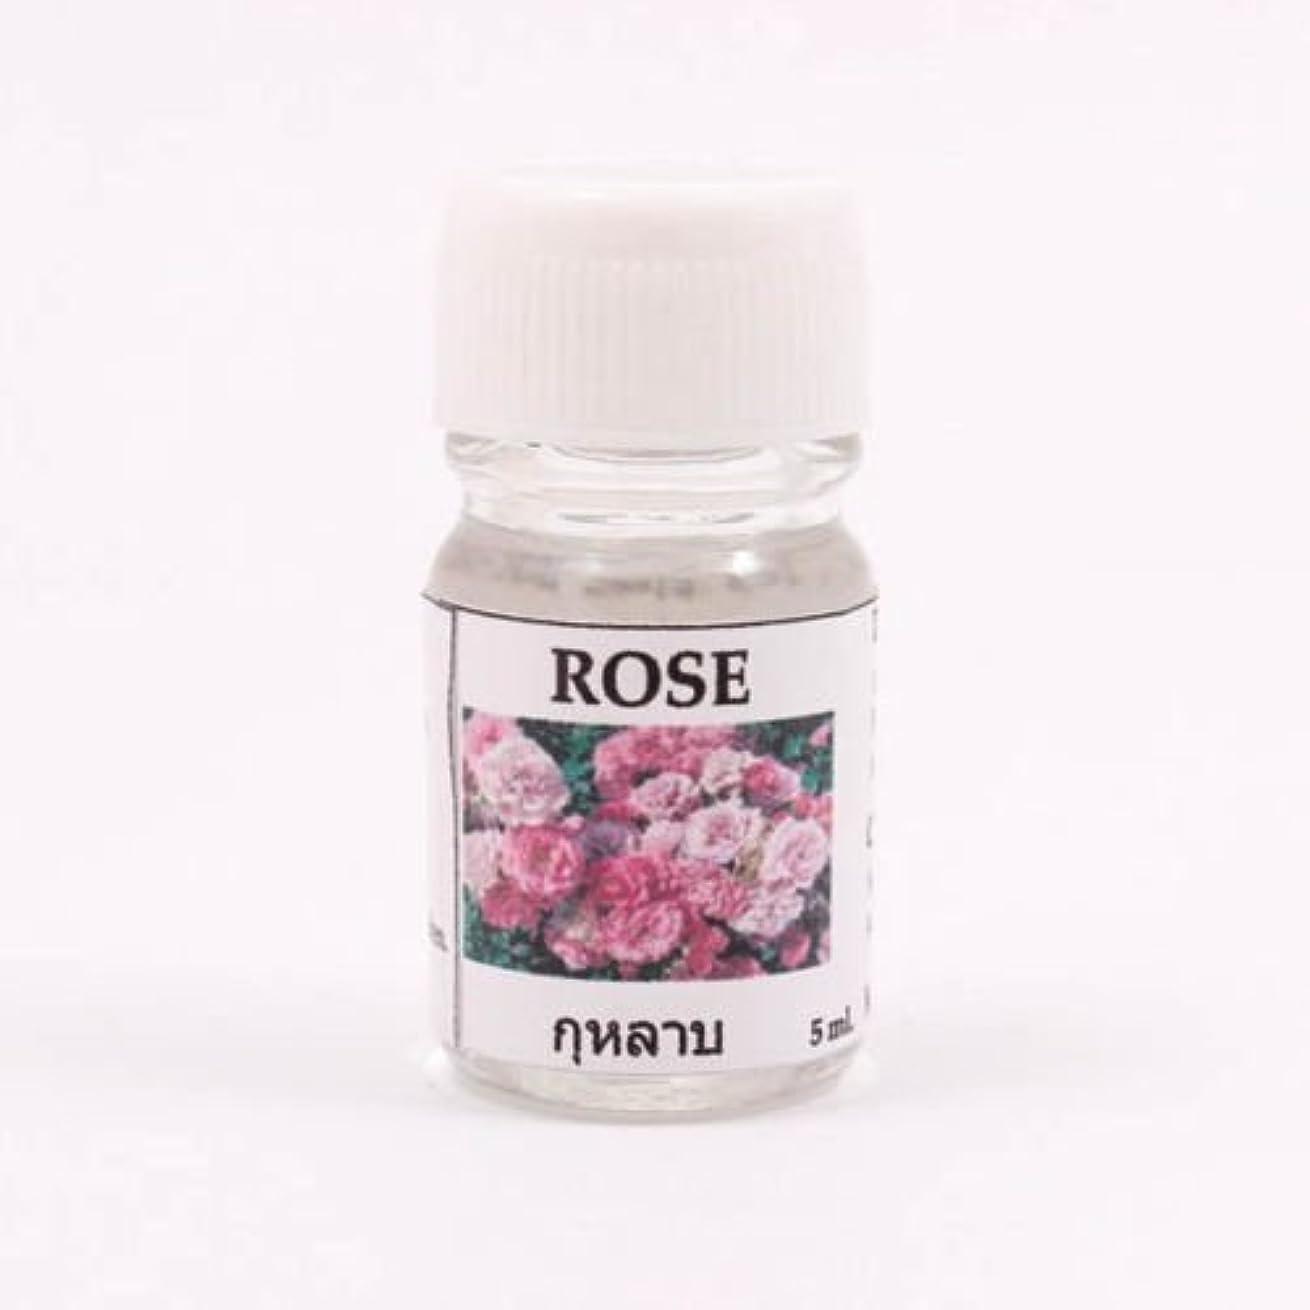 元のアテンダント割り込み6X Rose Aroma Fragrance Essential Oil 5ML. (cc) Diffuser Burner Therapy